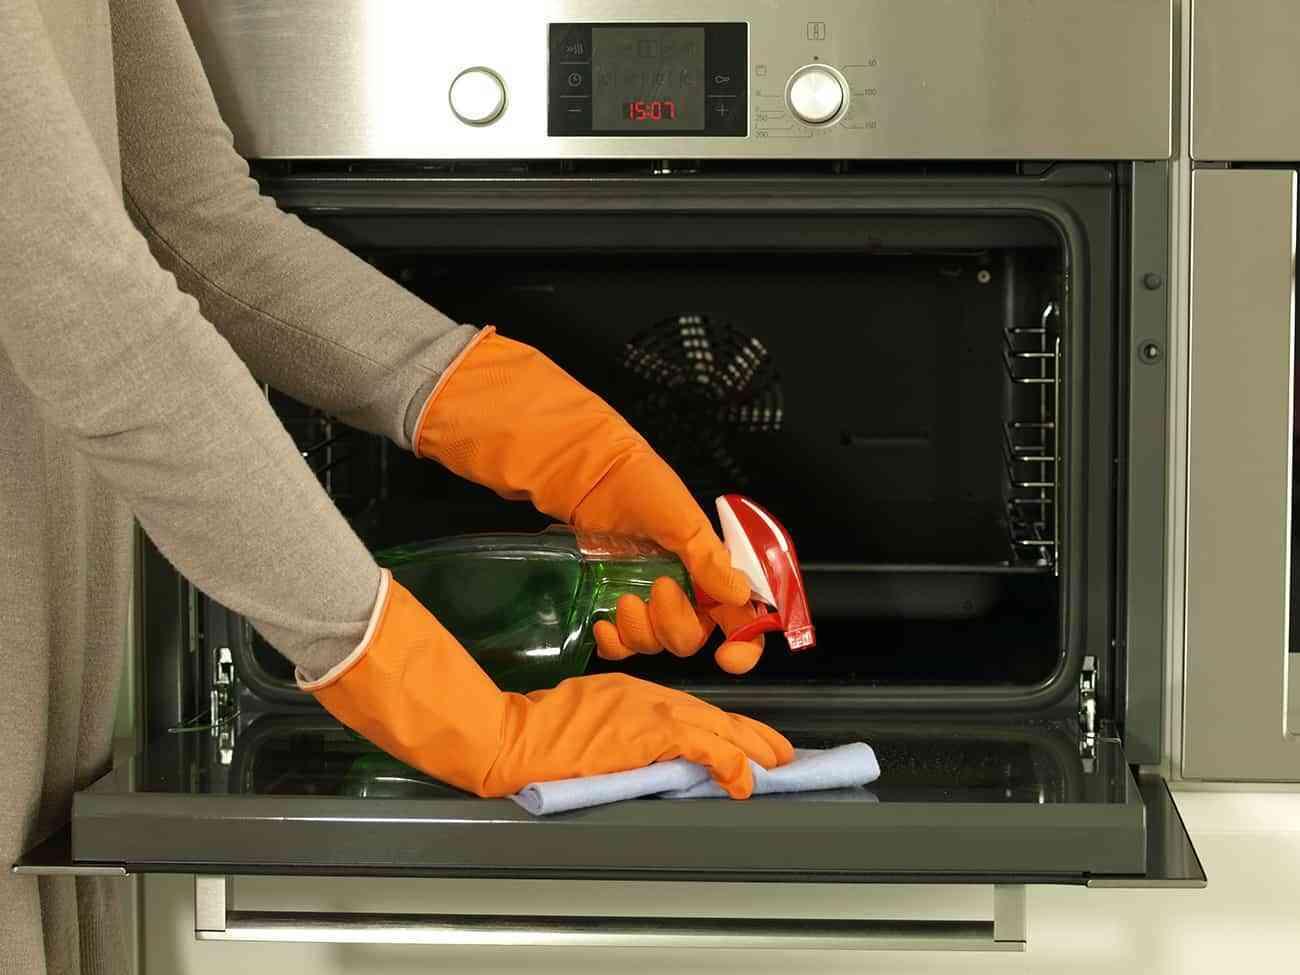 Limpiar el horno con sal y bicarbonato